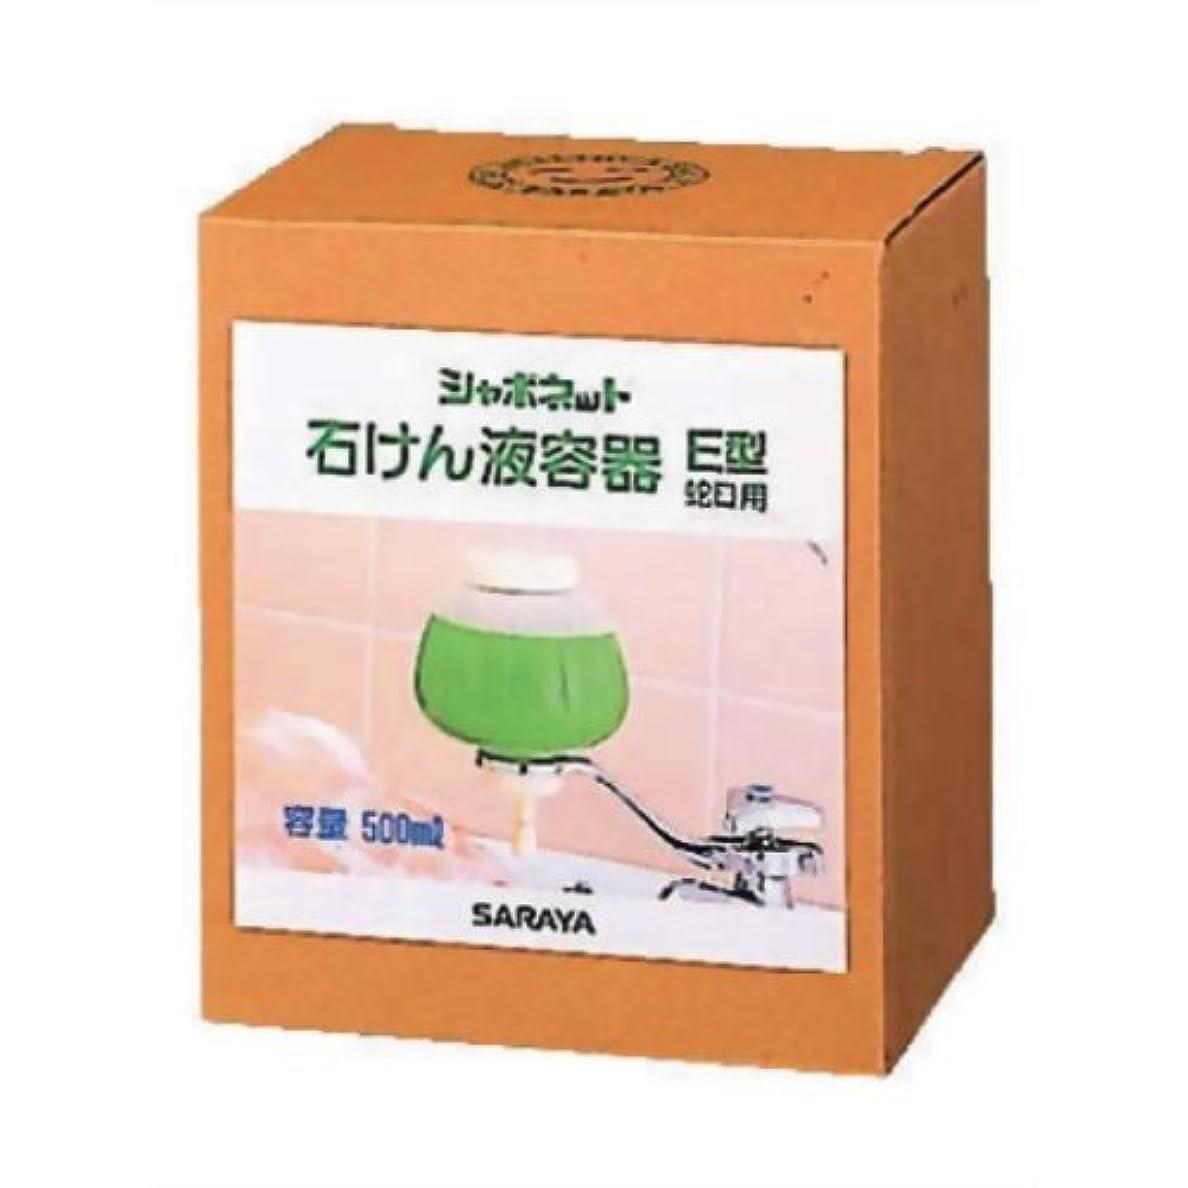 次夜明け常習的シャボネット 石鹸液容器 E型蛇口用 500ml